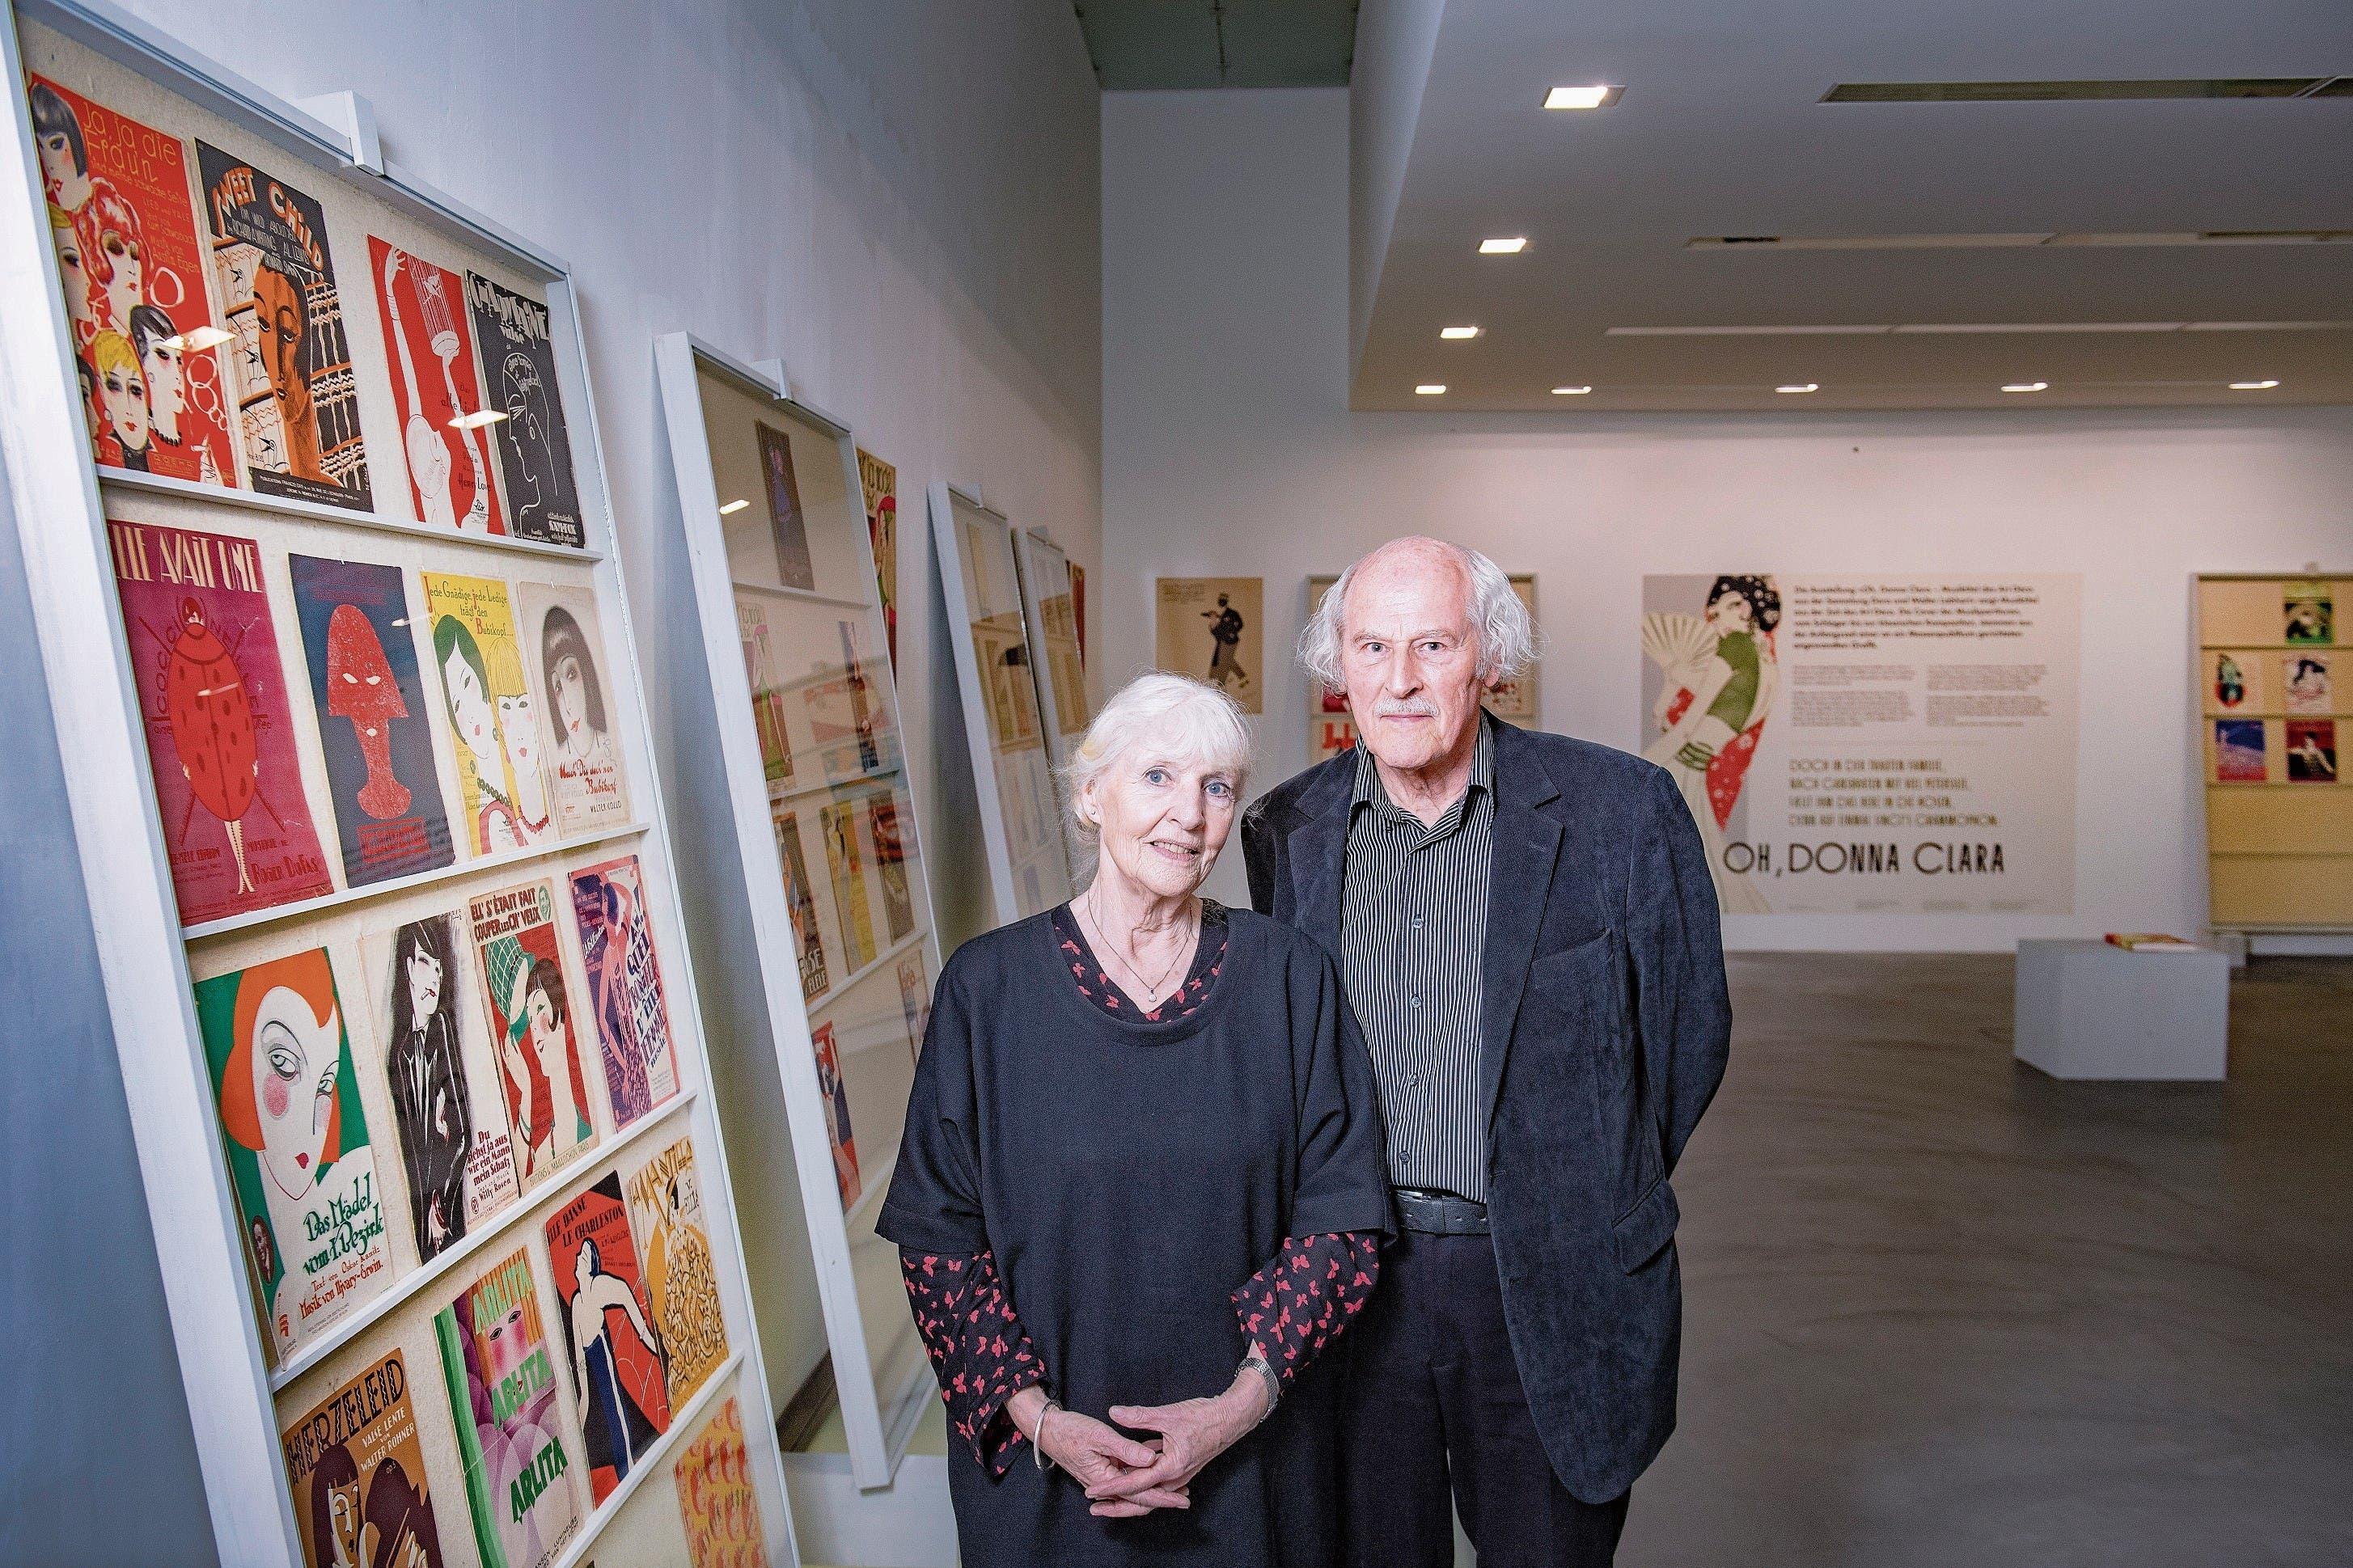 Das Ehepaar Dora und Walter Labhart hat die ausgestellten Musiktitel auf Reisen durch Europa, die USA und Südamerika zusammengesucht. (Bild: Urs Bucher)